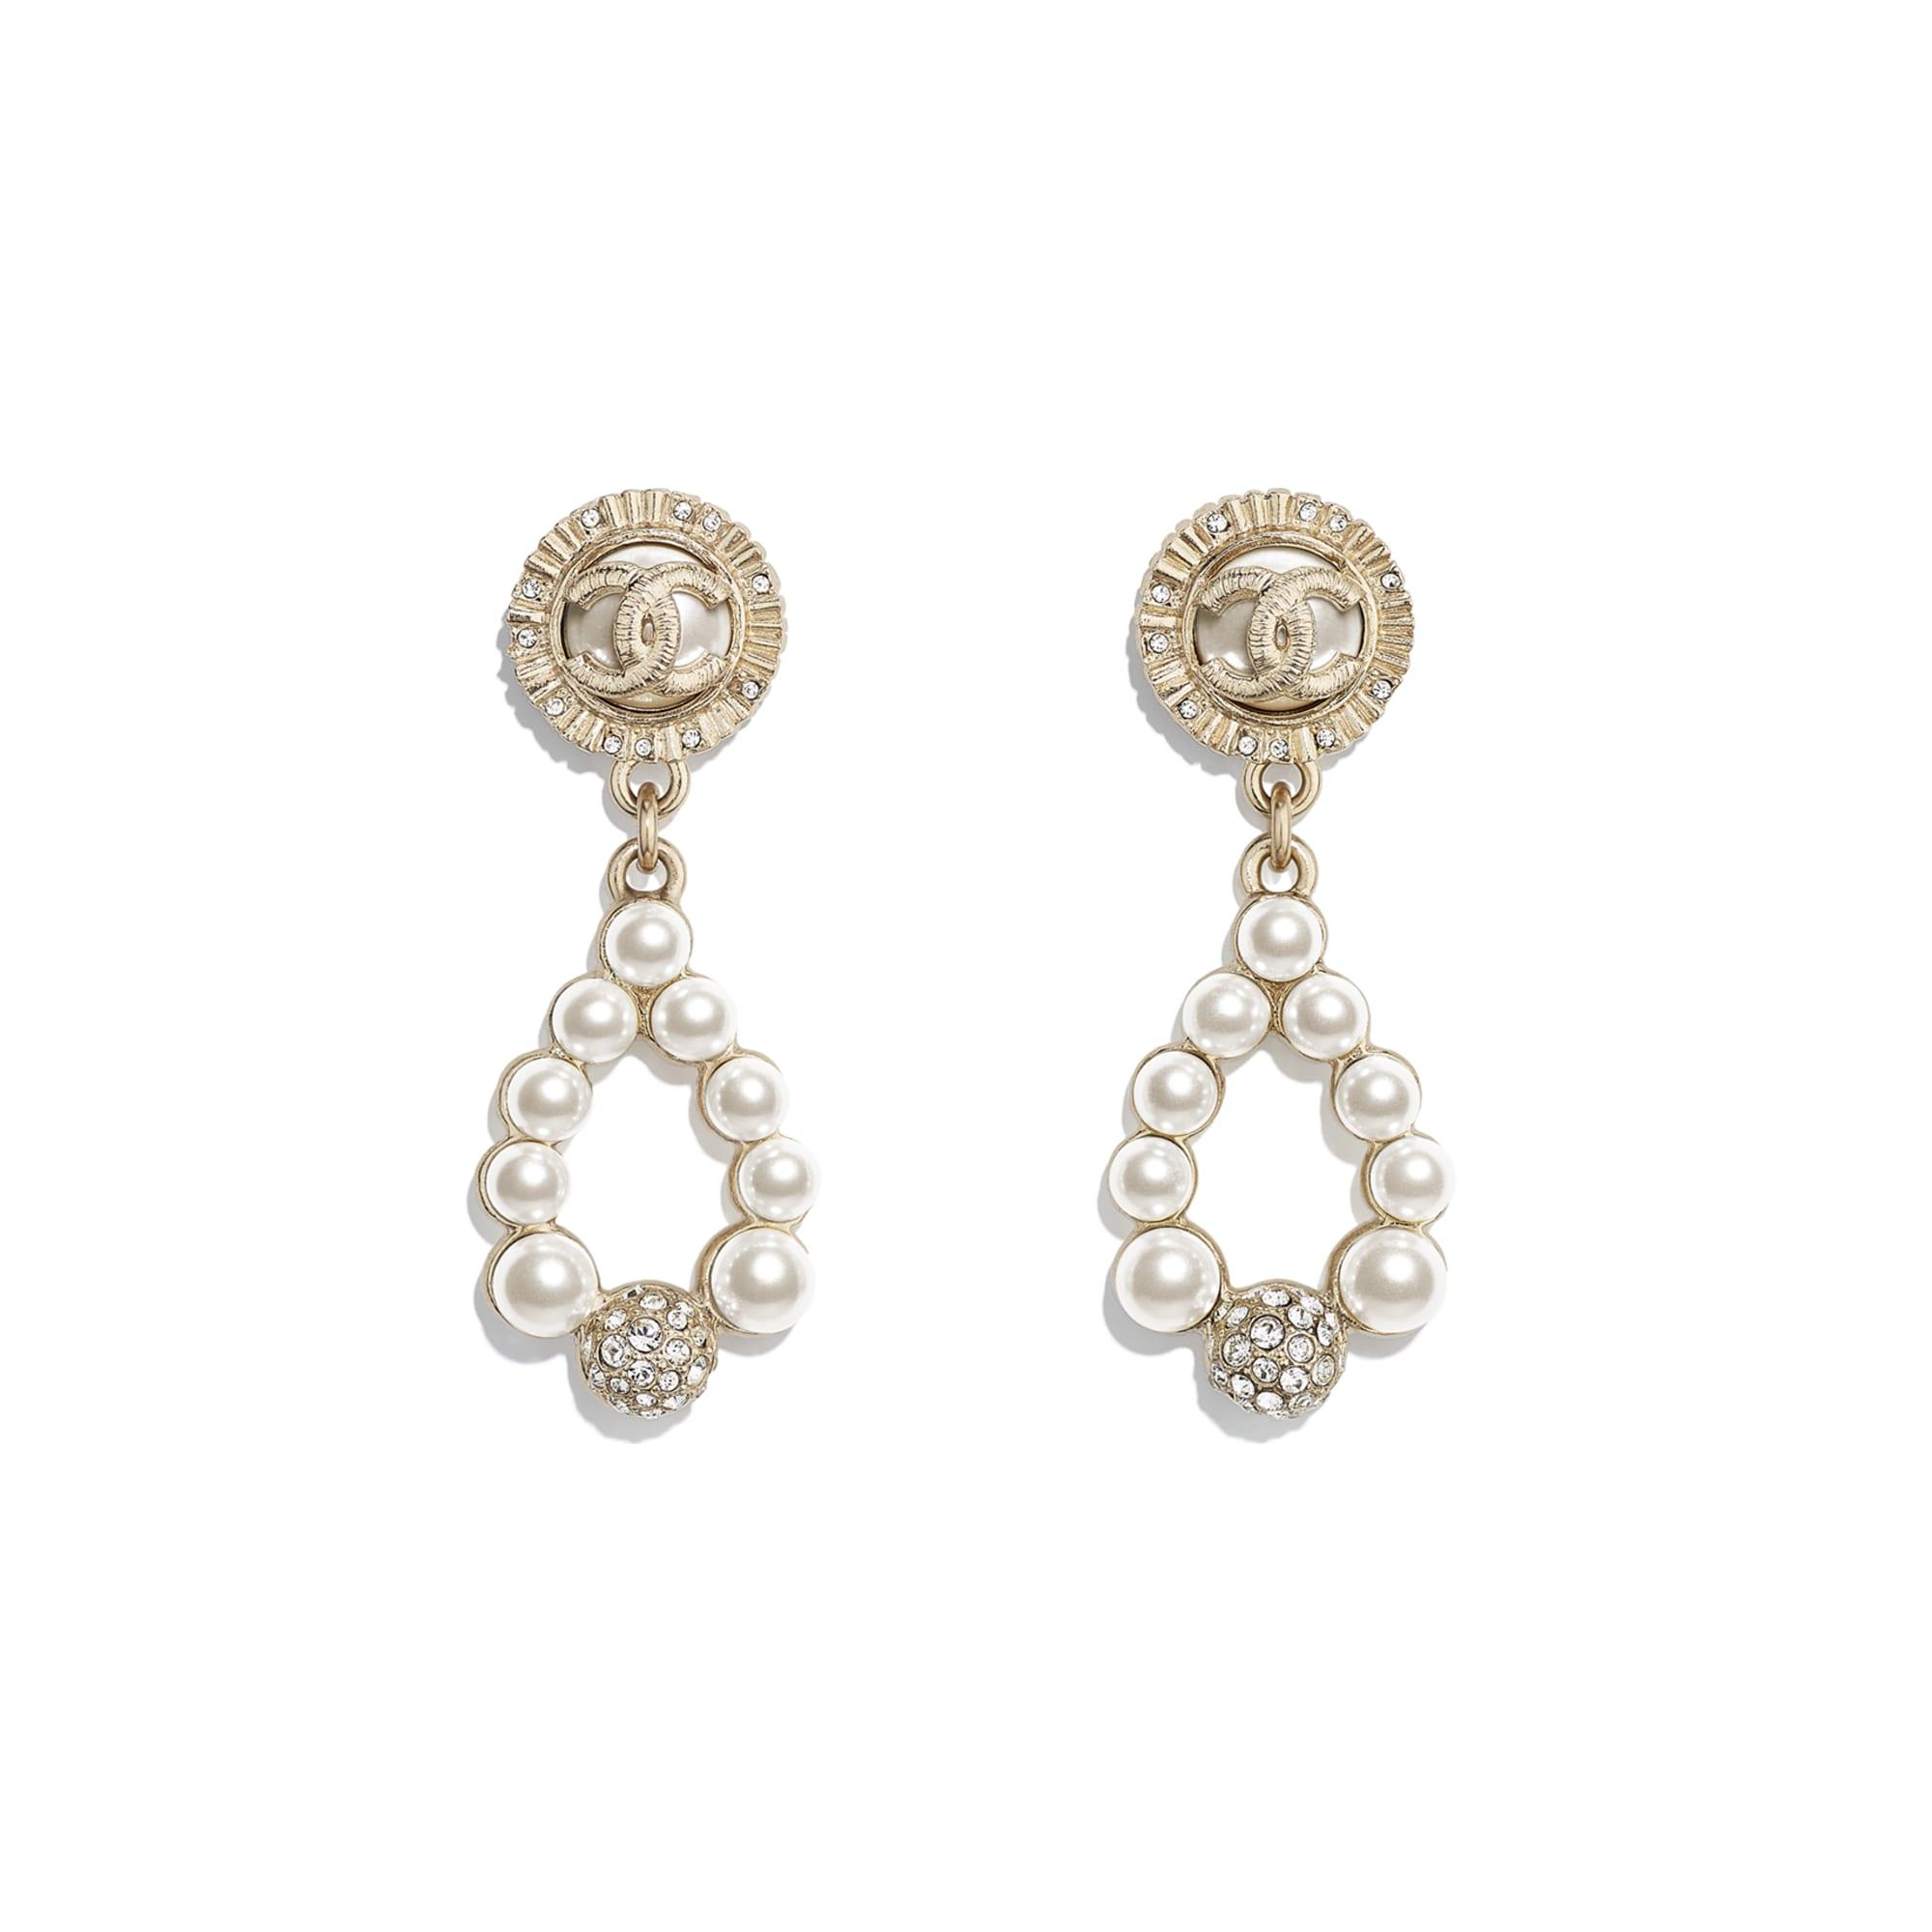 Brincos - Gold, Pearly White & Crystal - Metal, Glass Pearls & Strass - CHANEL - Vista predefinida - ver a versão em tamanho standard